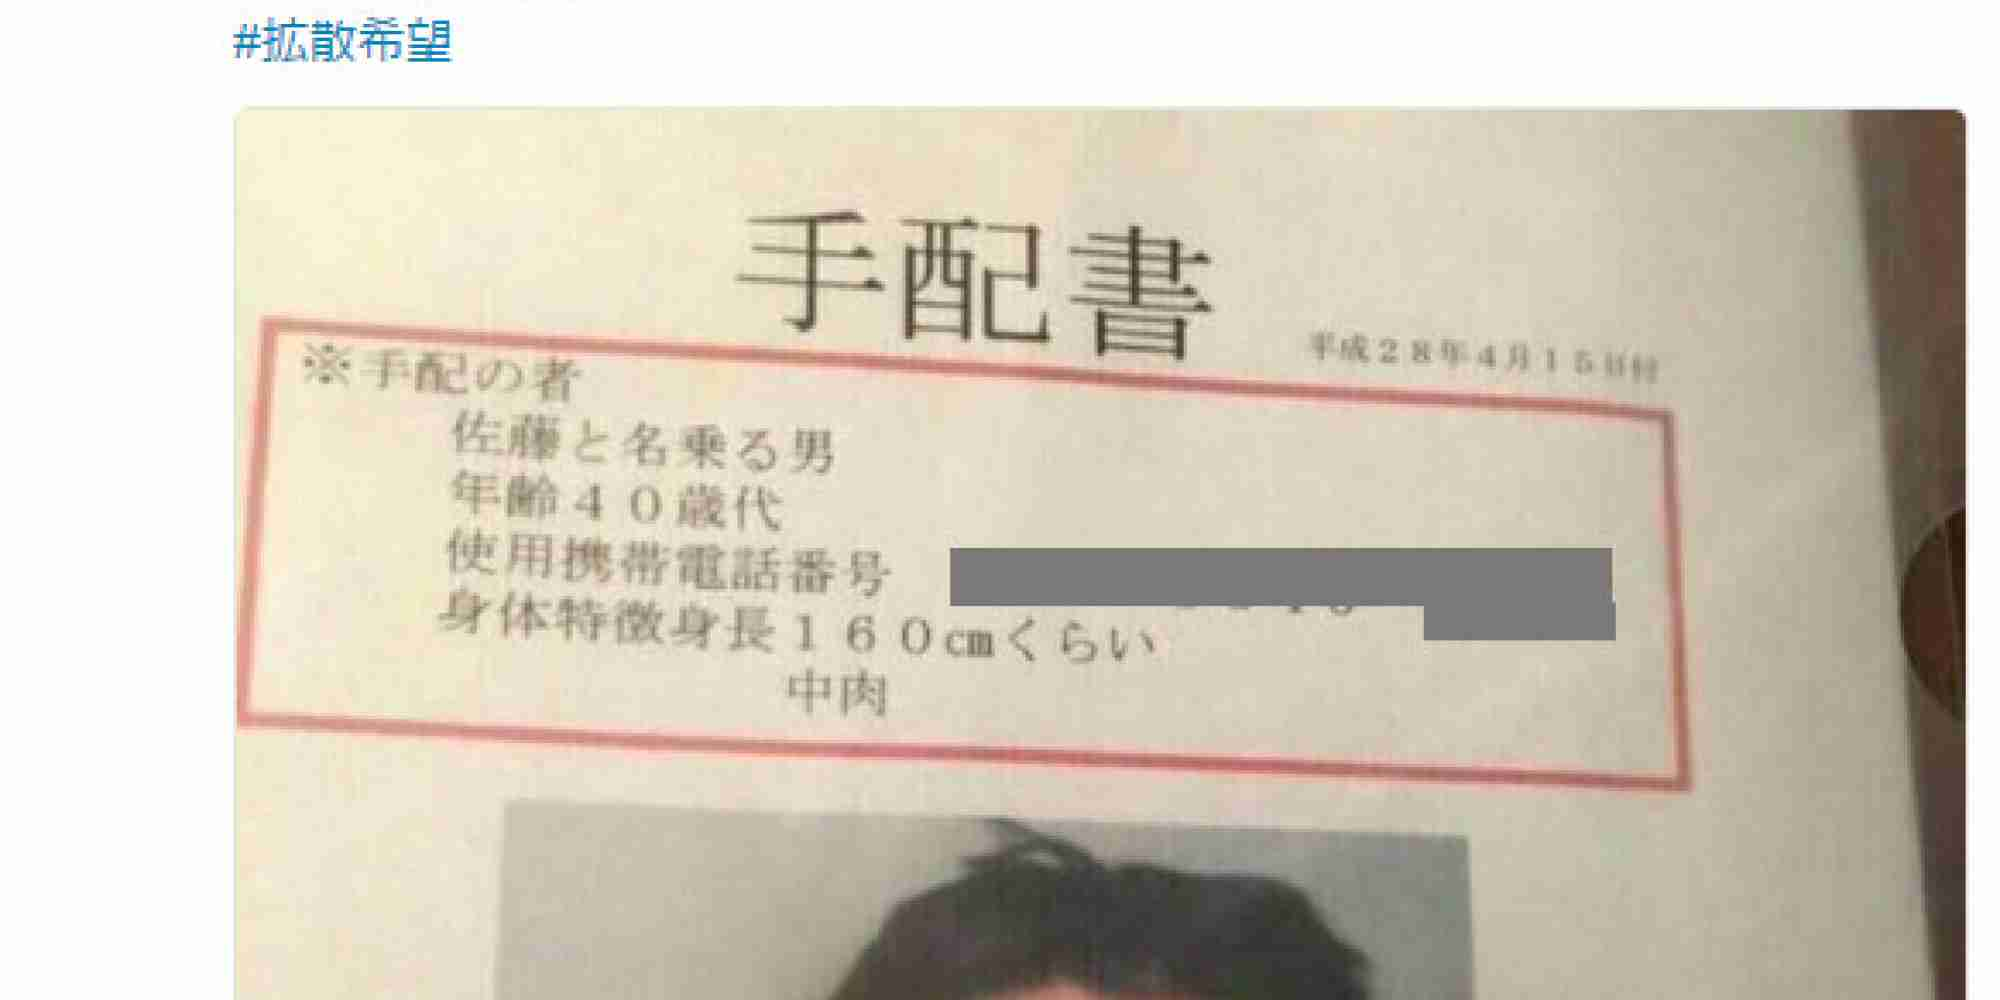 【熊本地震】熊本県警に「デマ通報」問い合わせ40件 「確認に時間が割かれる」と困惑